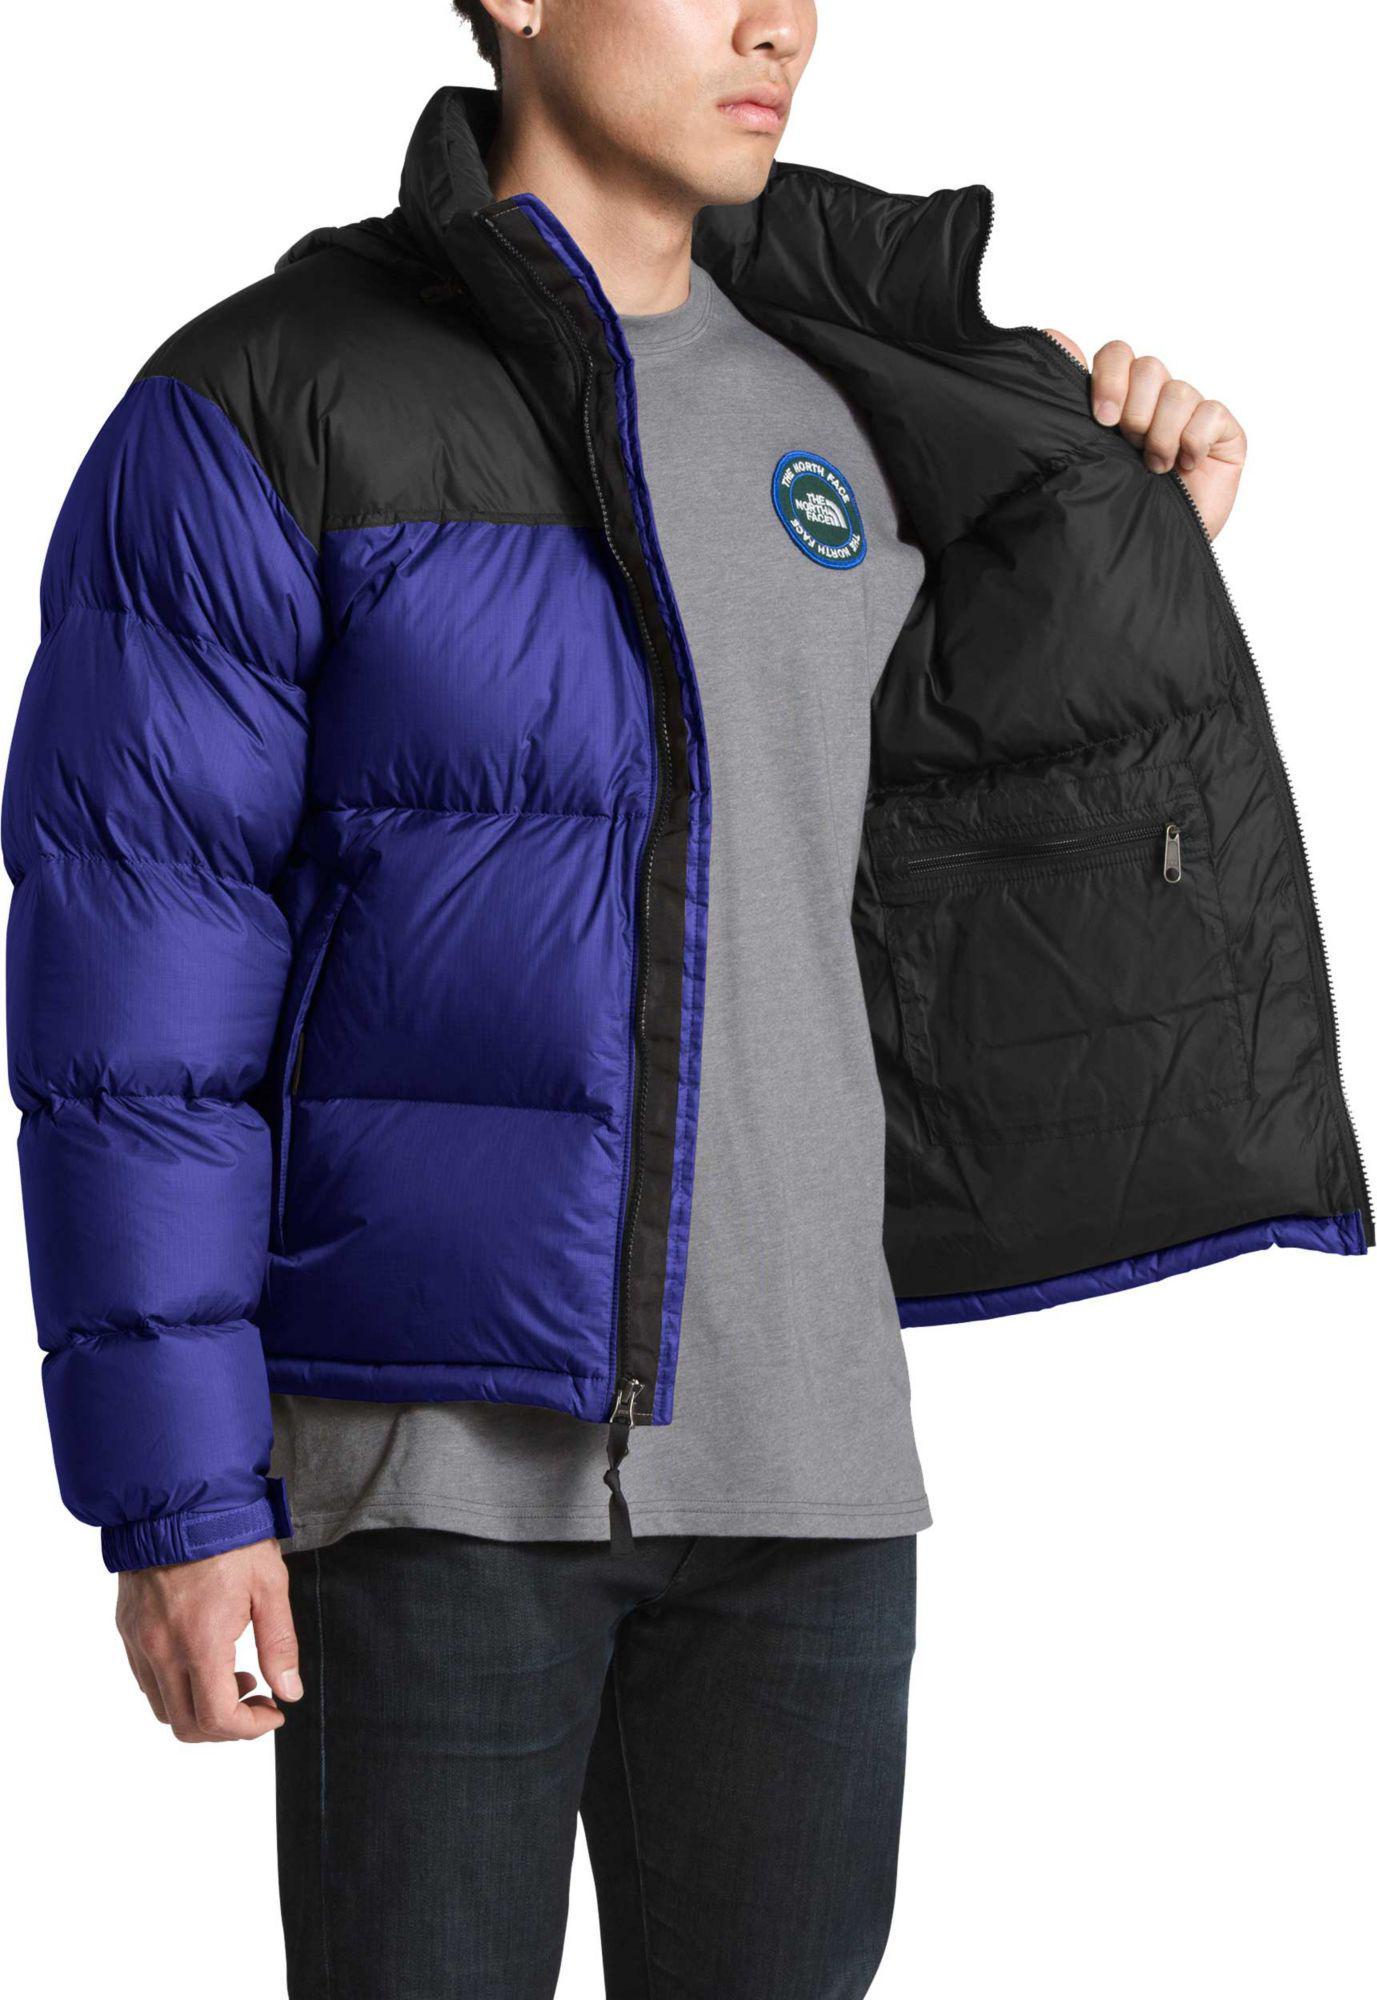 The North Face - Blue 1996 Retro Nuptse Jacket for Men - Lyst. View  fullscreen ec457fb68